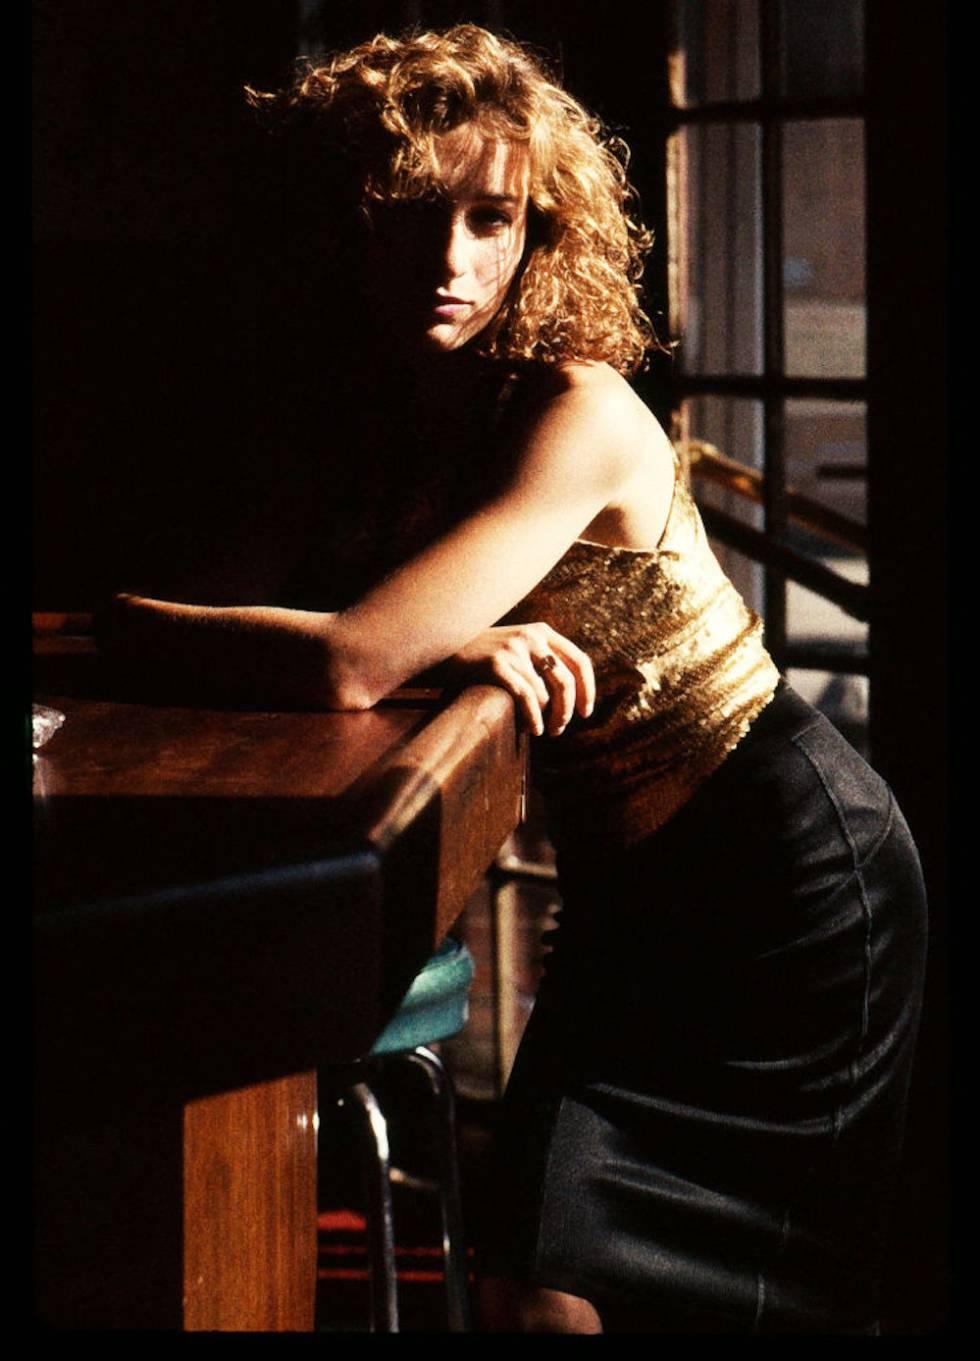 Retrato promocional de Jennifer Grey tomado en Nueva York en 1987.